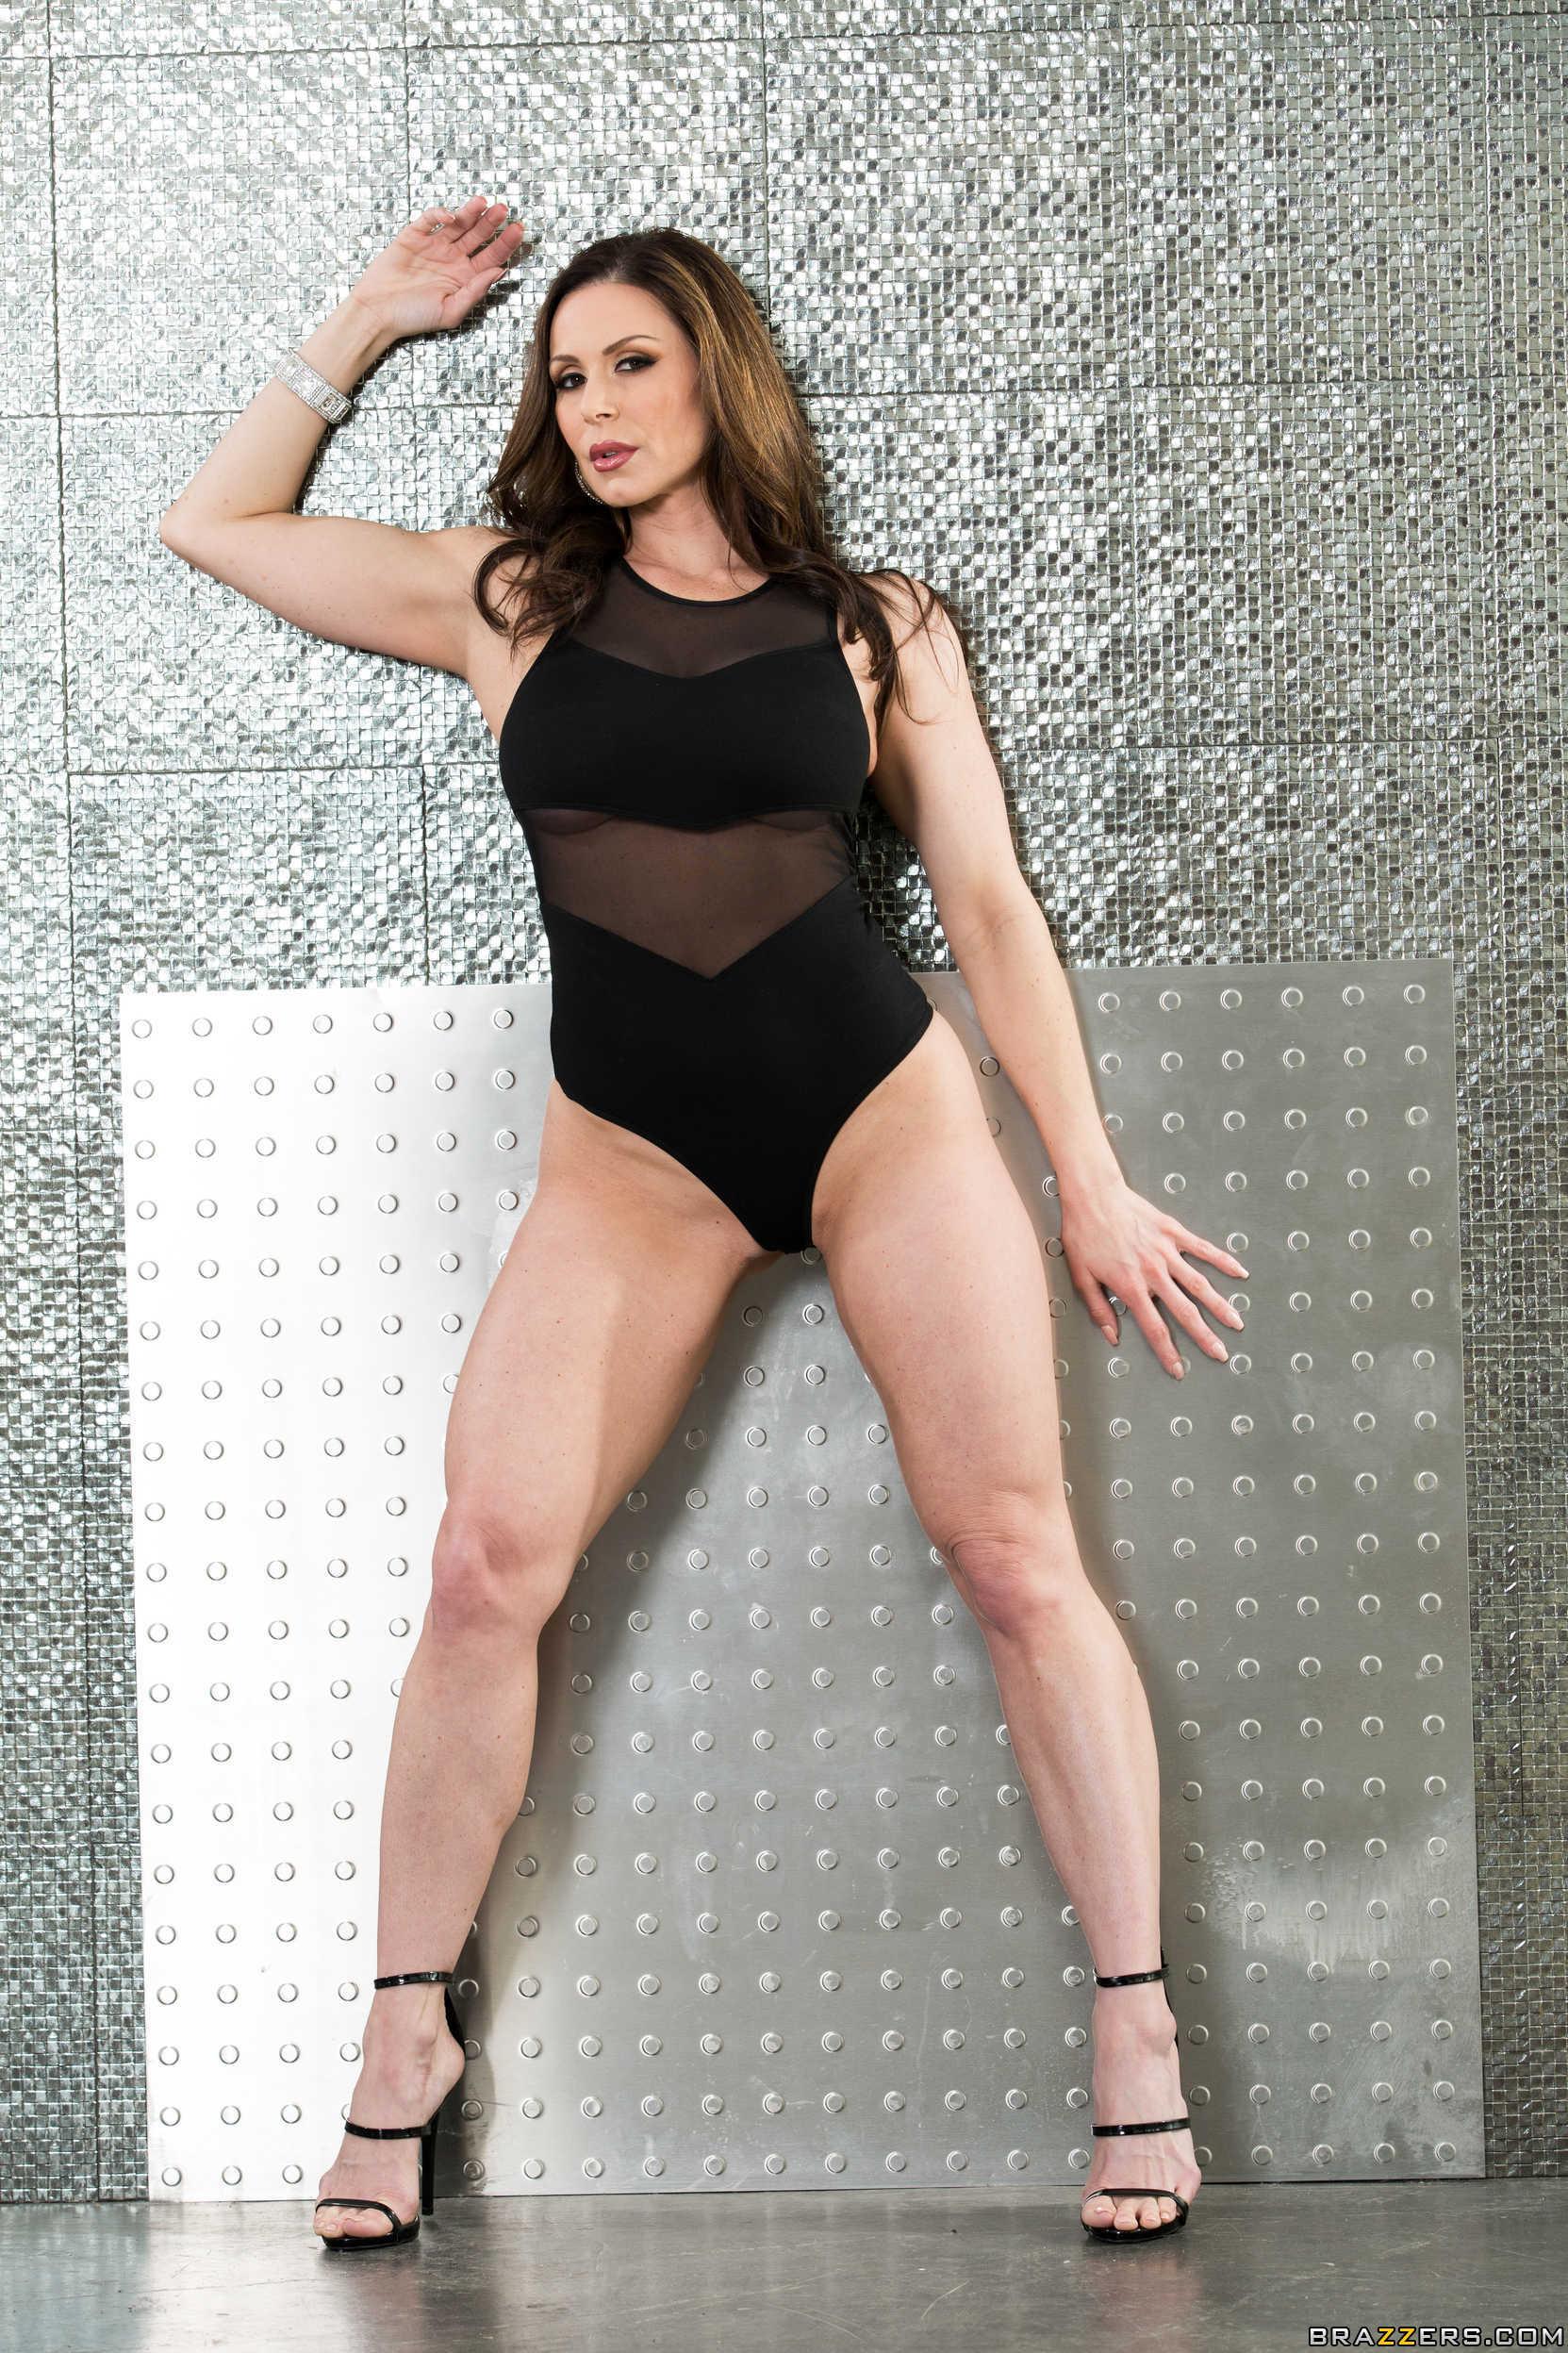 Hermosa chica latina muestra sus tetas y saluda - 1 part 2